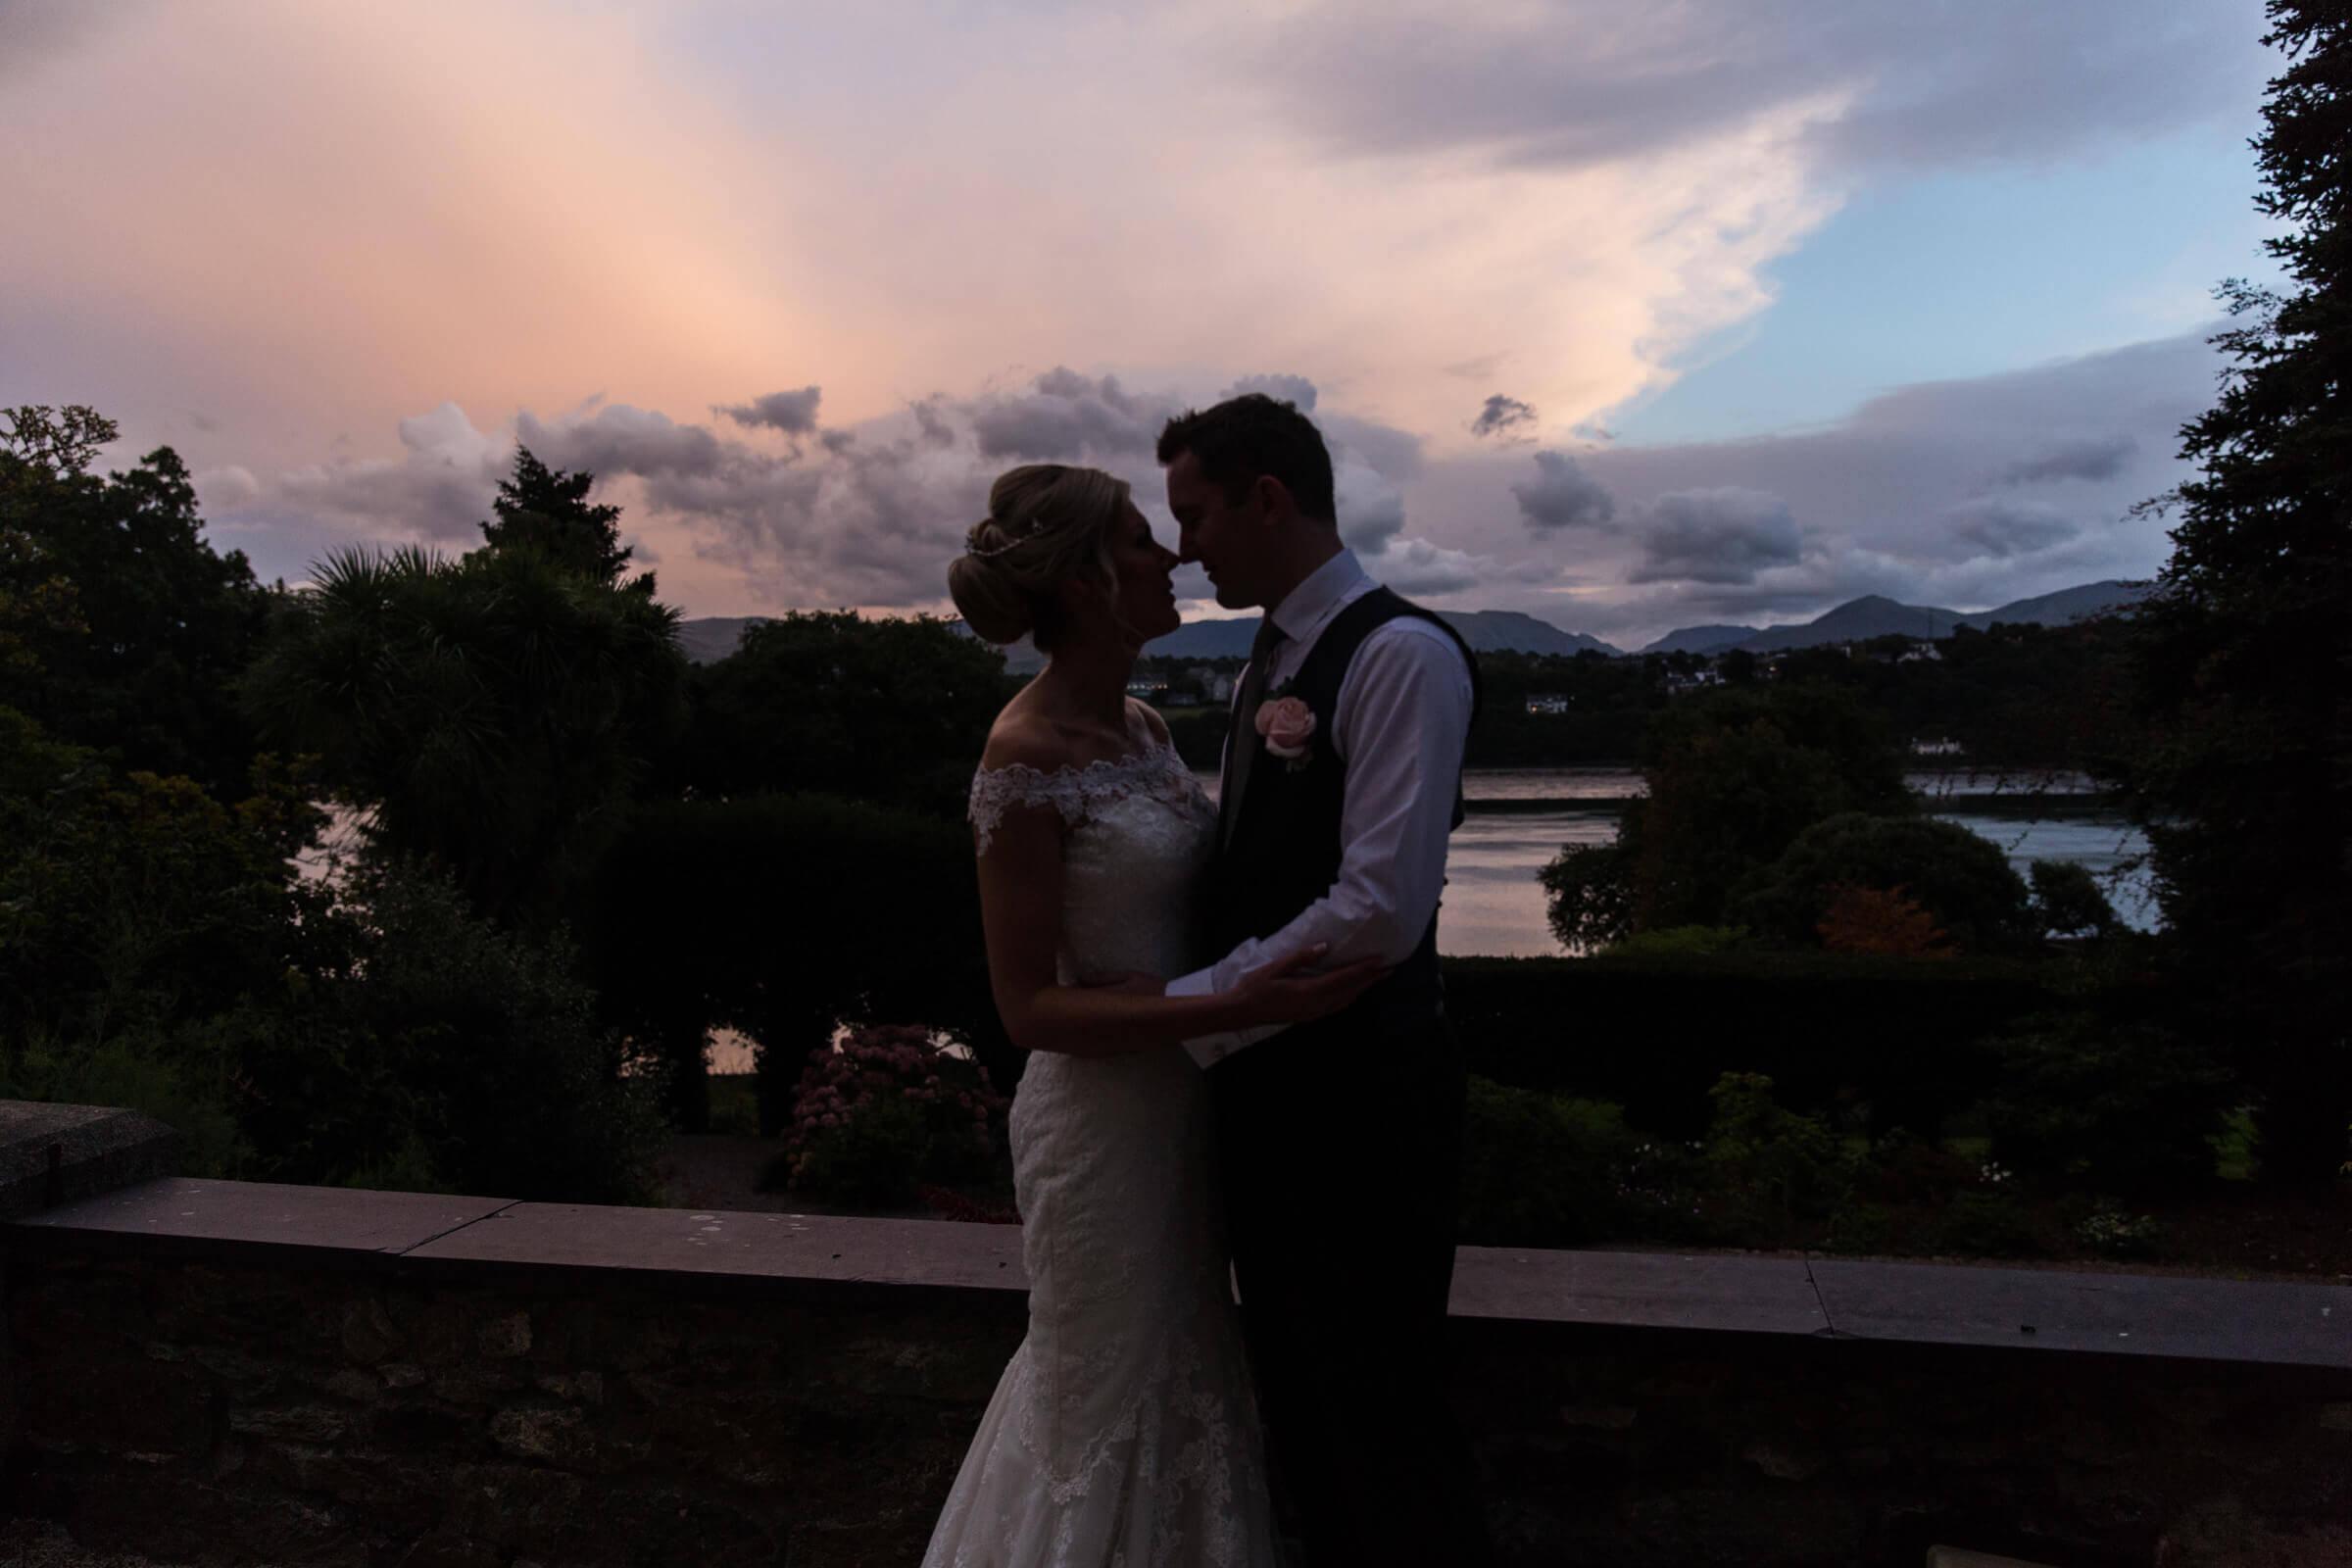 Chateau_Rhianfa_Wedding_Photography_058.jpg